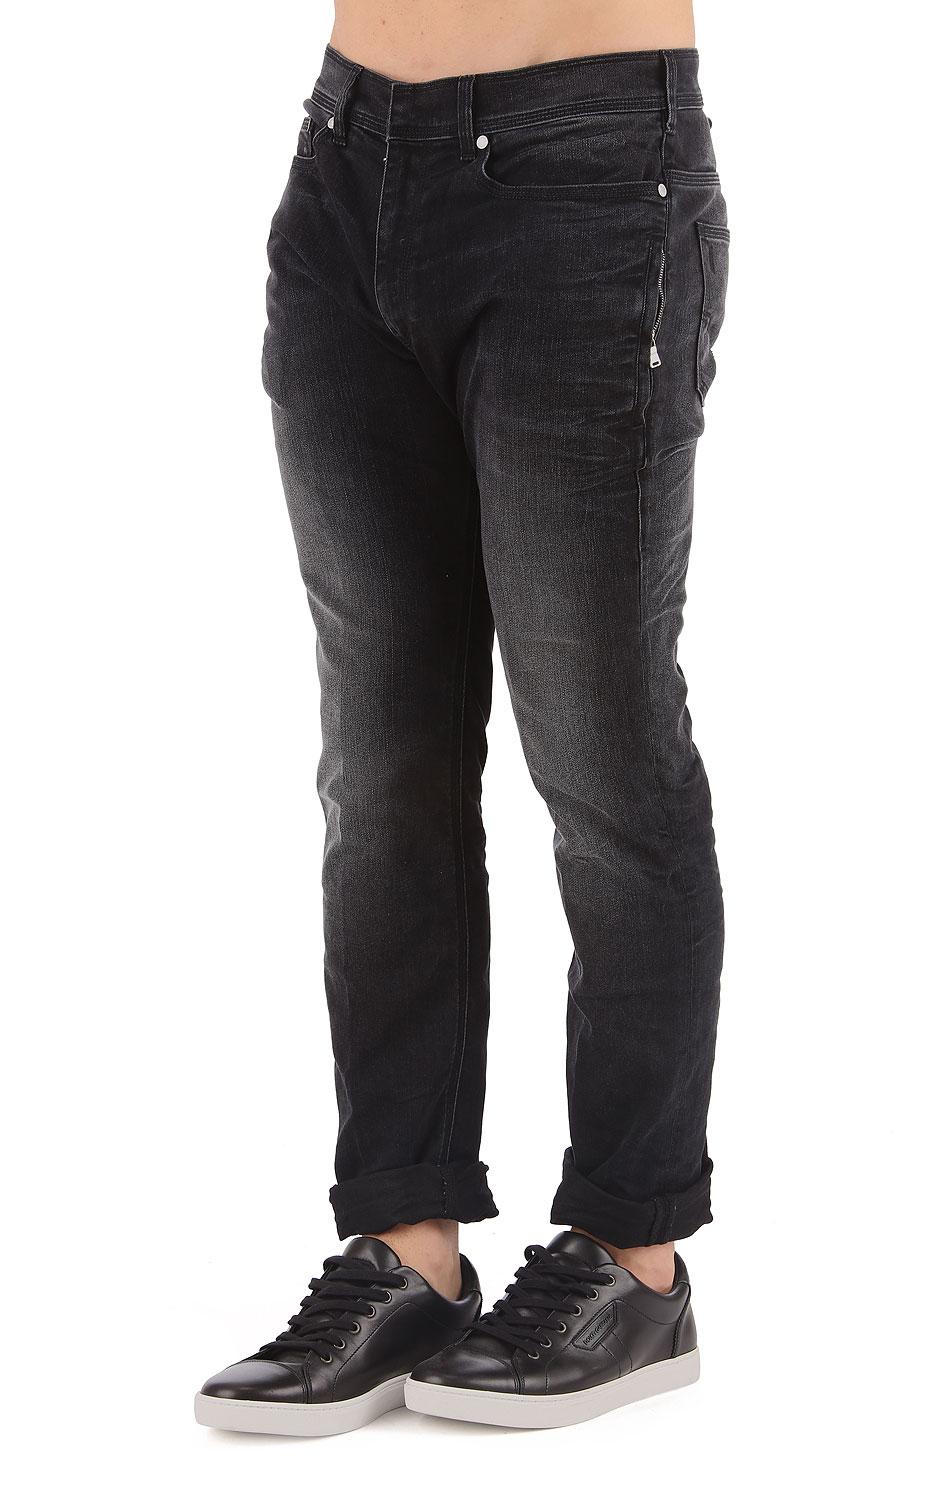 Abbigliamento Uomo Neil Barrett, Codice Articolo: bde104-b801t-547